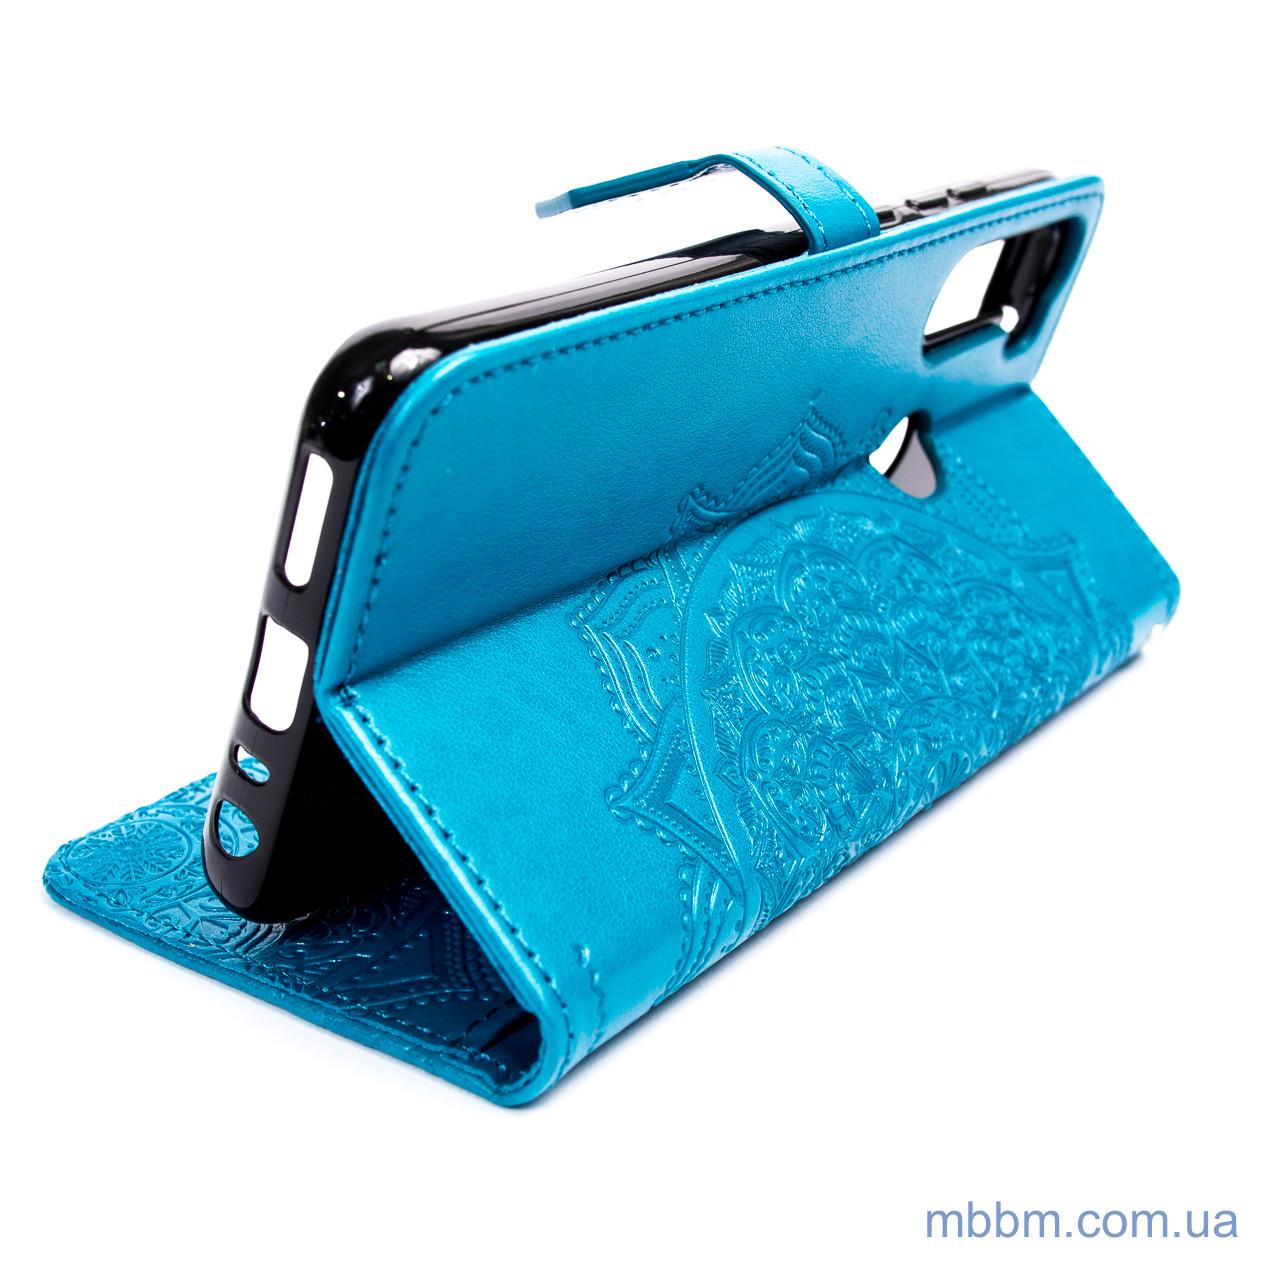 Чехол Art Case с визитницей Xiaomi Redmi Note 8t Blue 8T